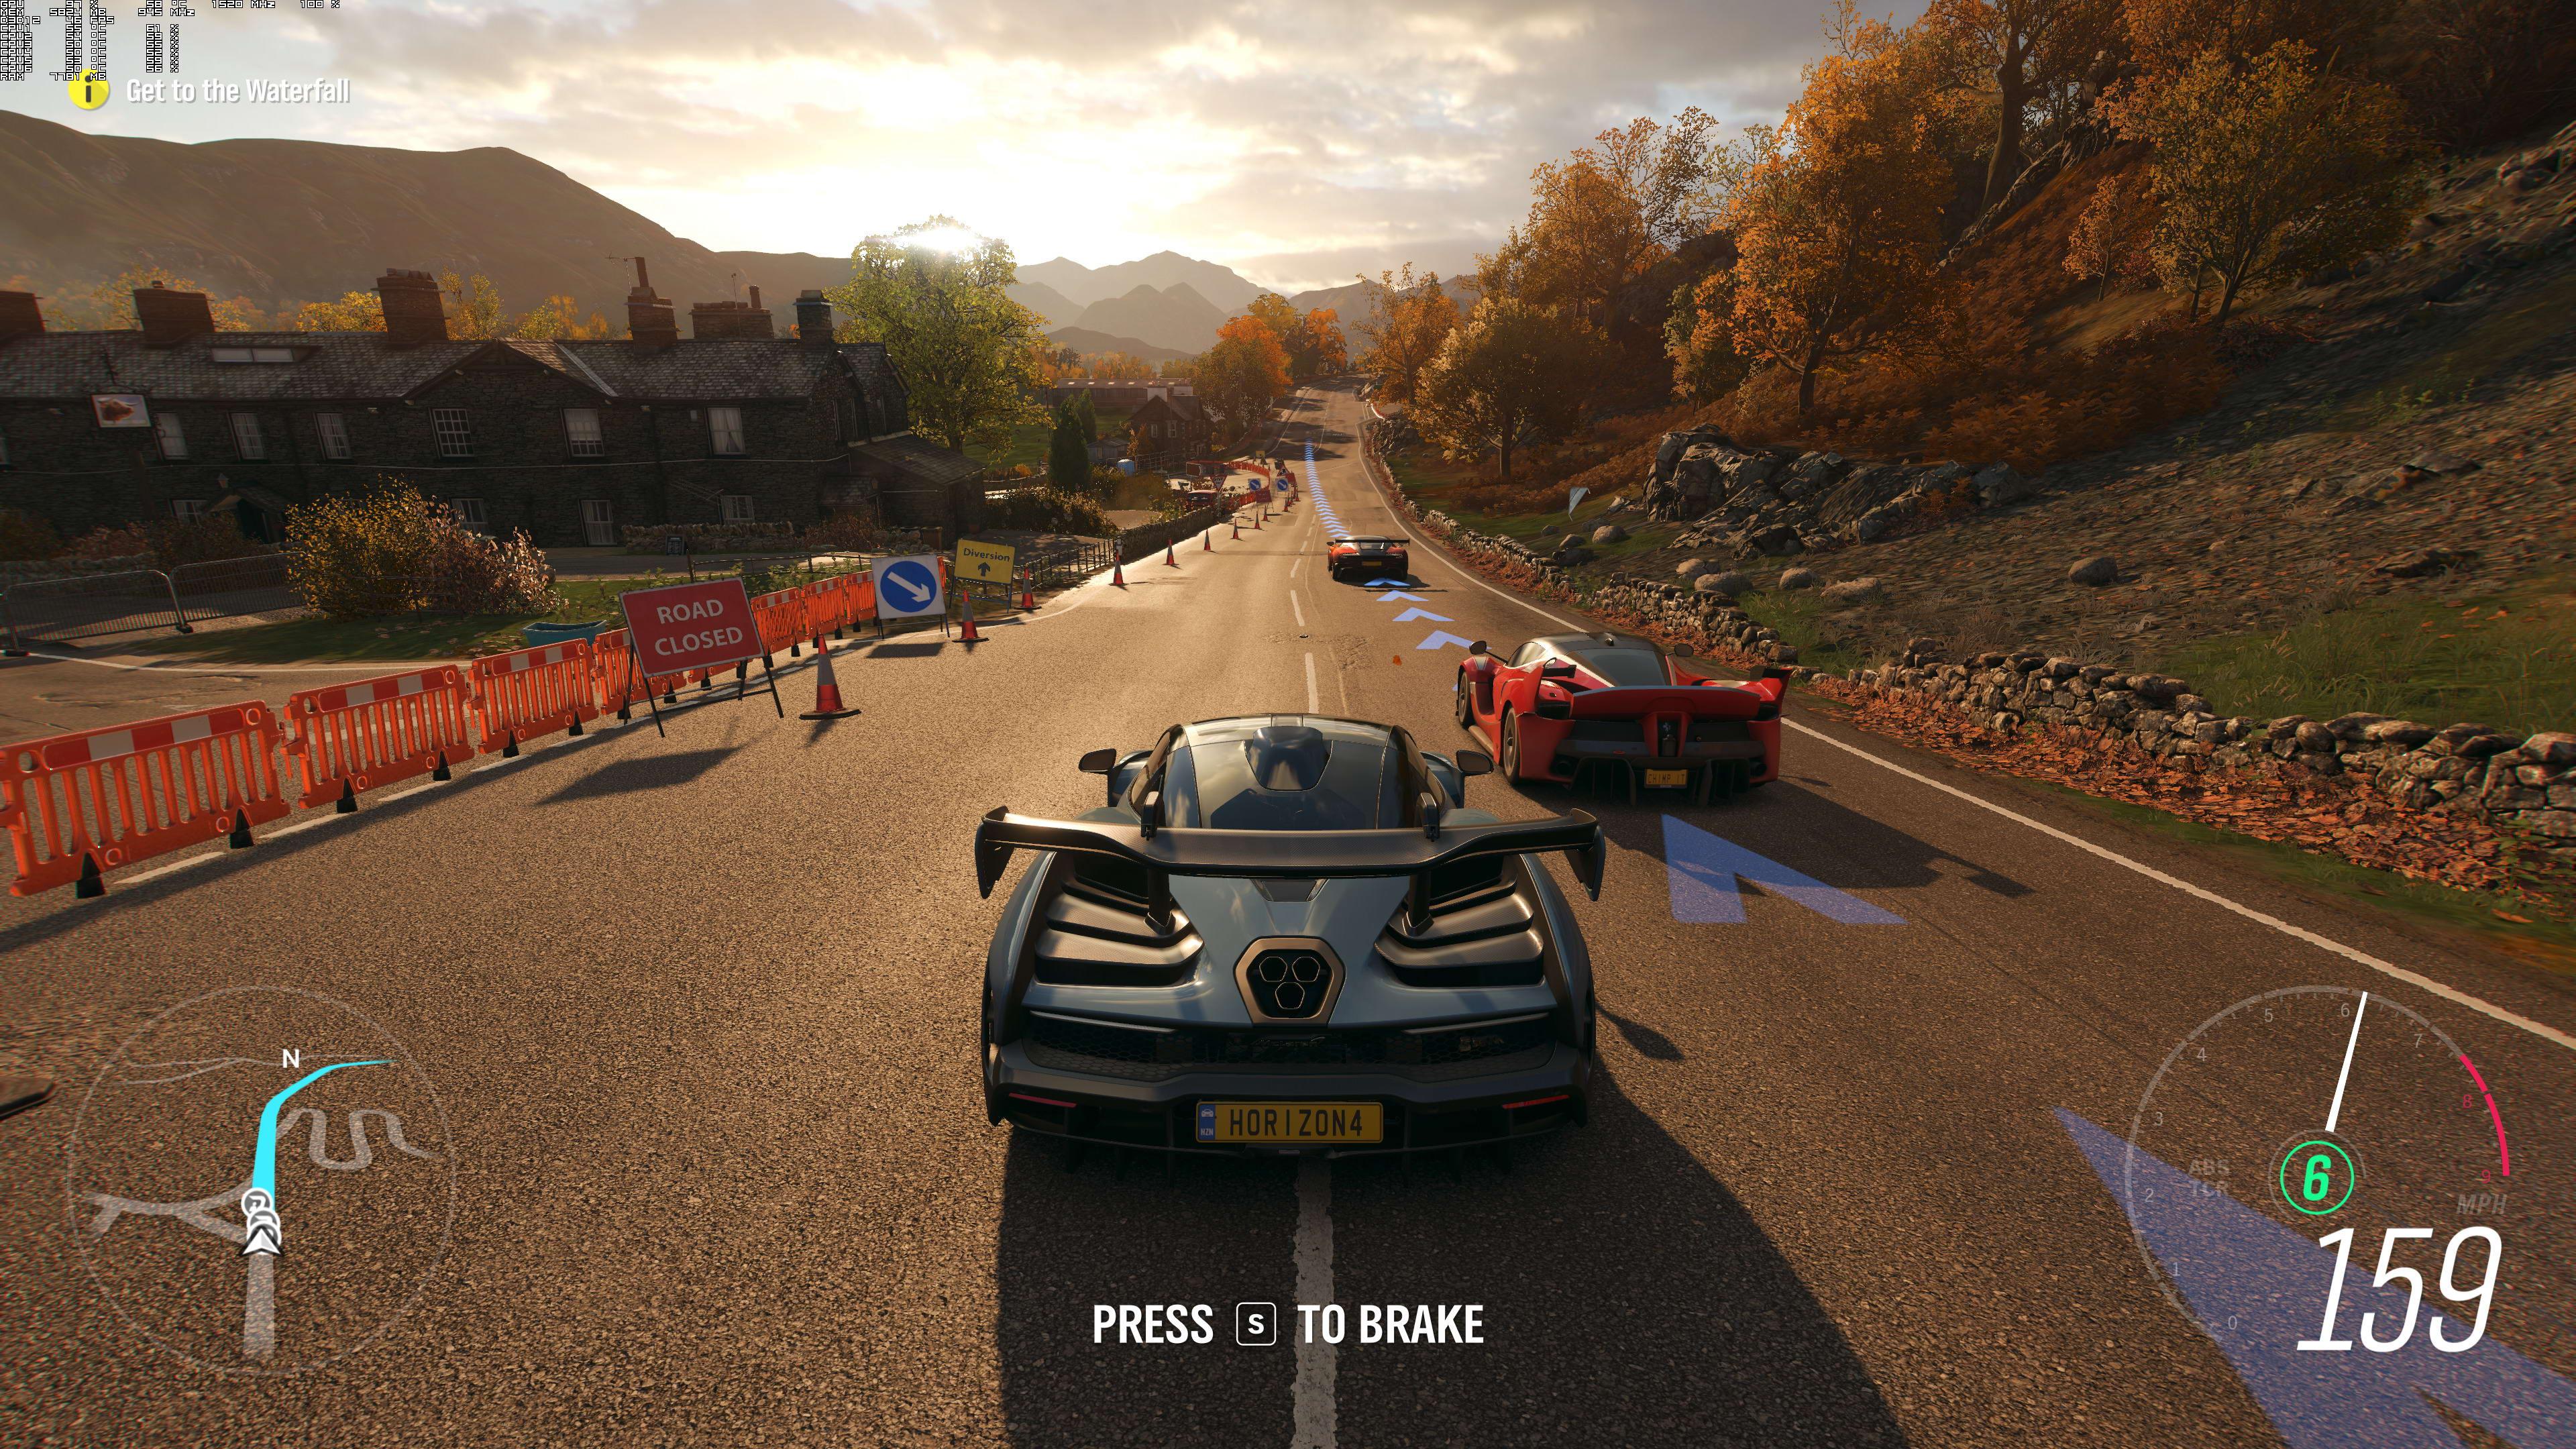 《极限竞速:地平线4》最高画质截图 画面十分惊艳!